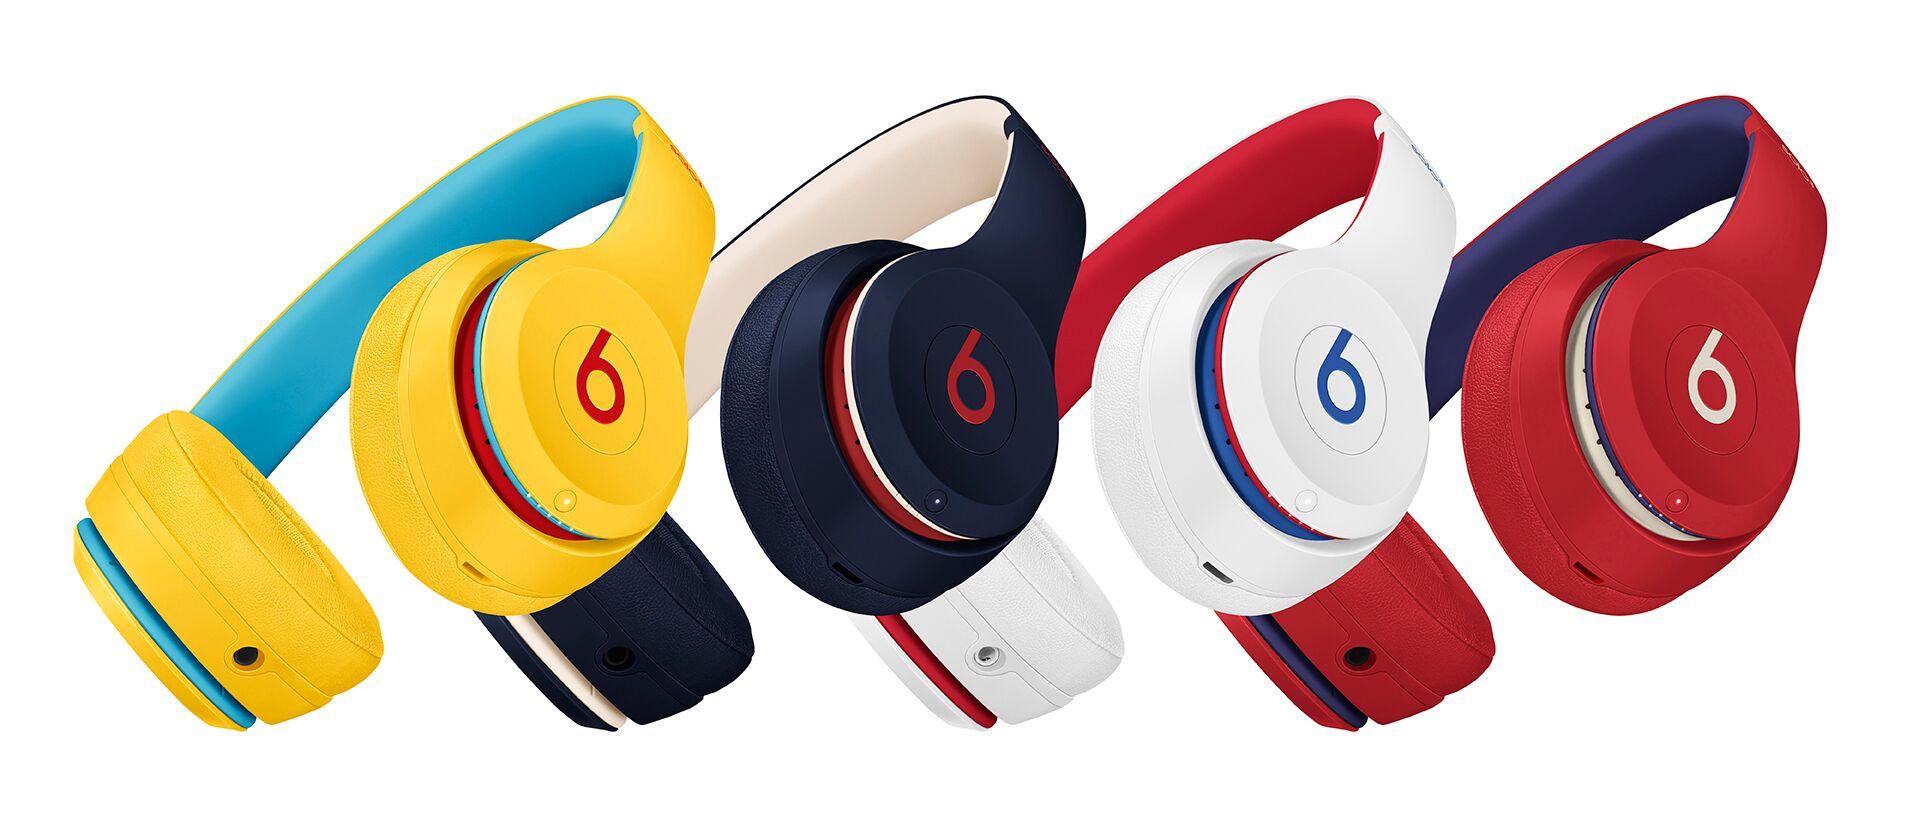 Nowe bezprzewodowe słuchawki Solo3 Beats Club Collection